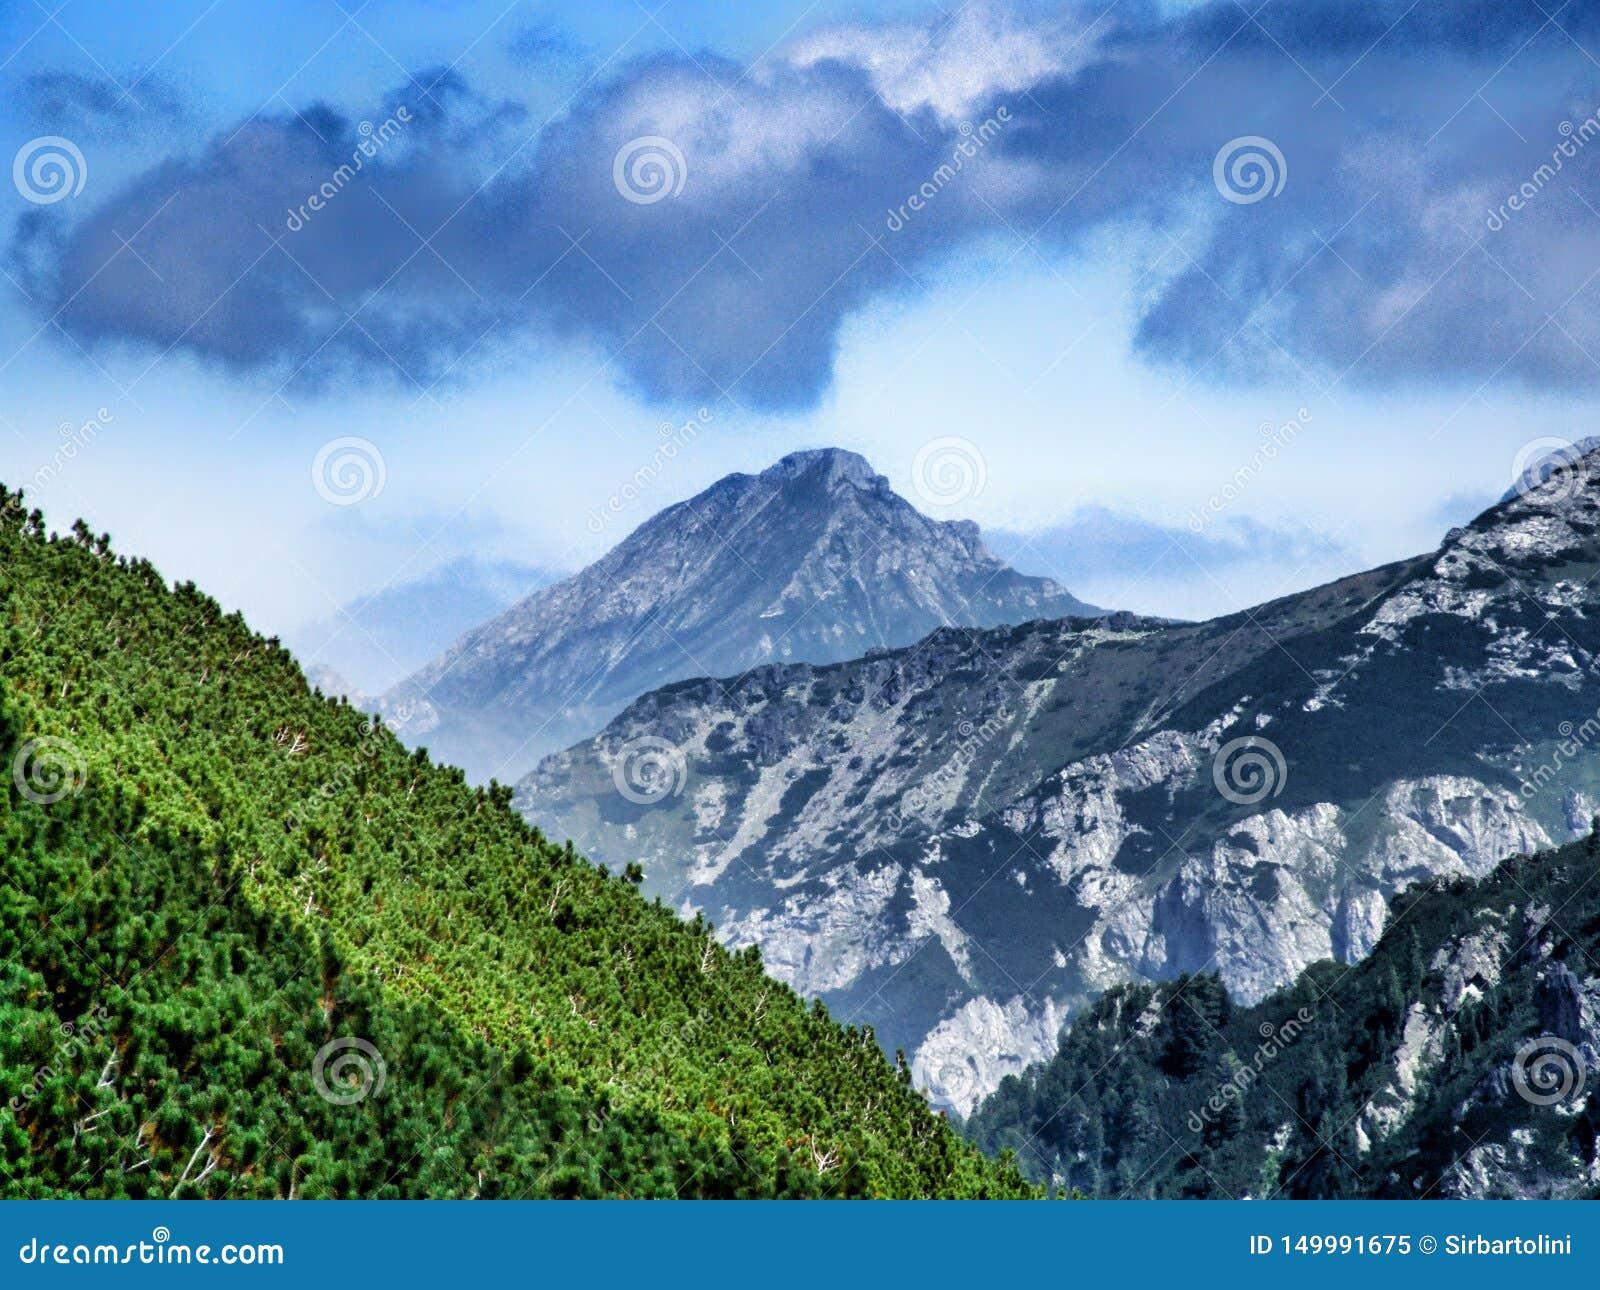 View on Havran peak in Belianske Tatra in Slovakia.